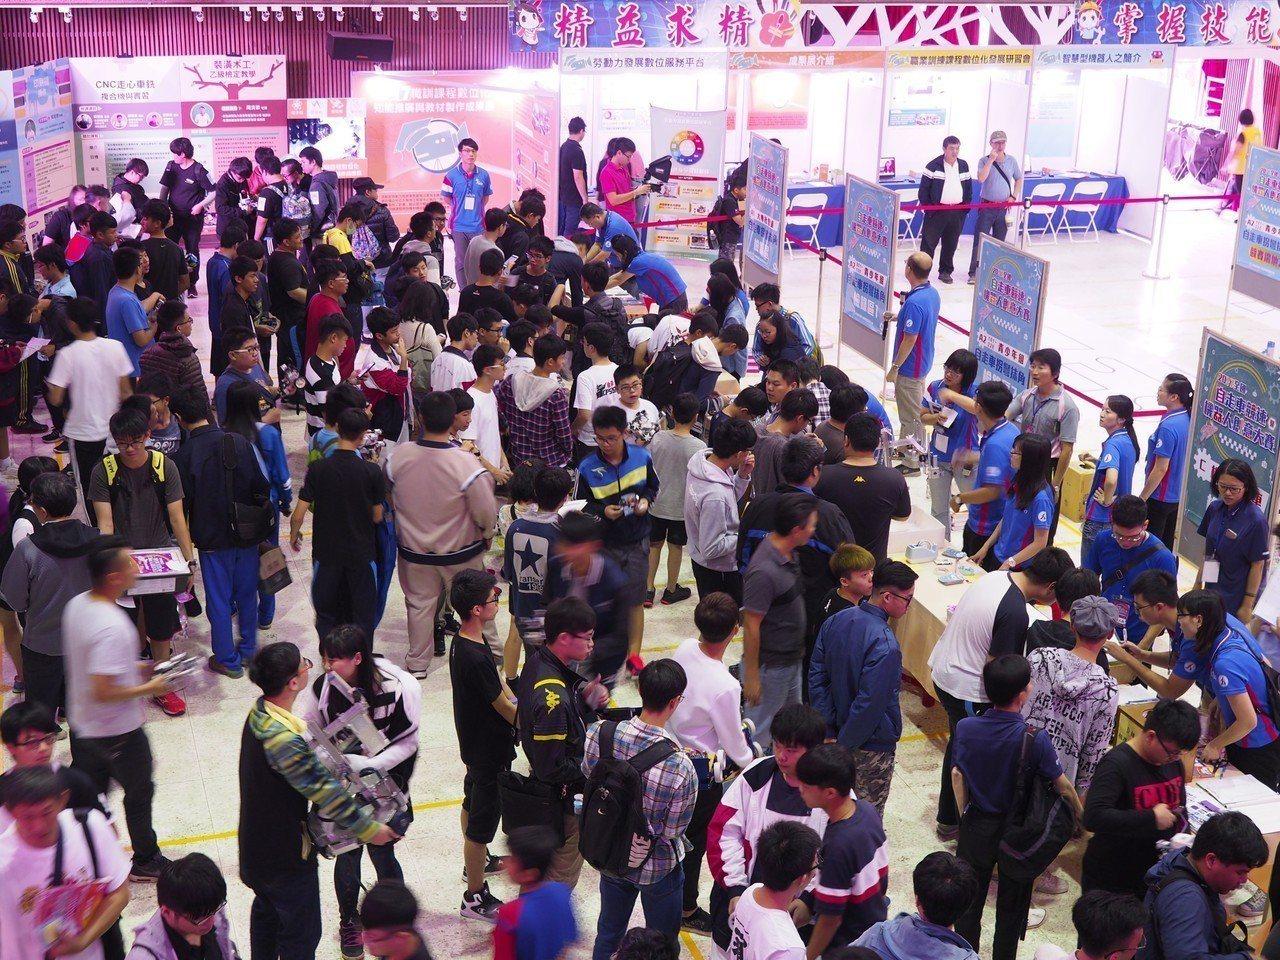 雲嘉南分署機器人賽,每年吸引全國各地好手參賽。記者謝進盛/攝影